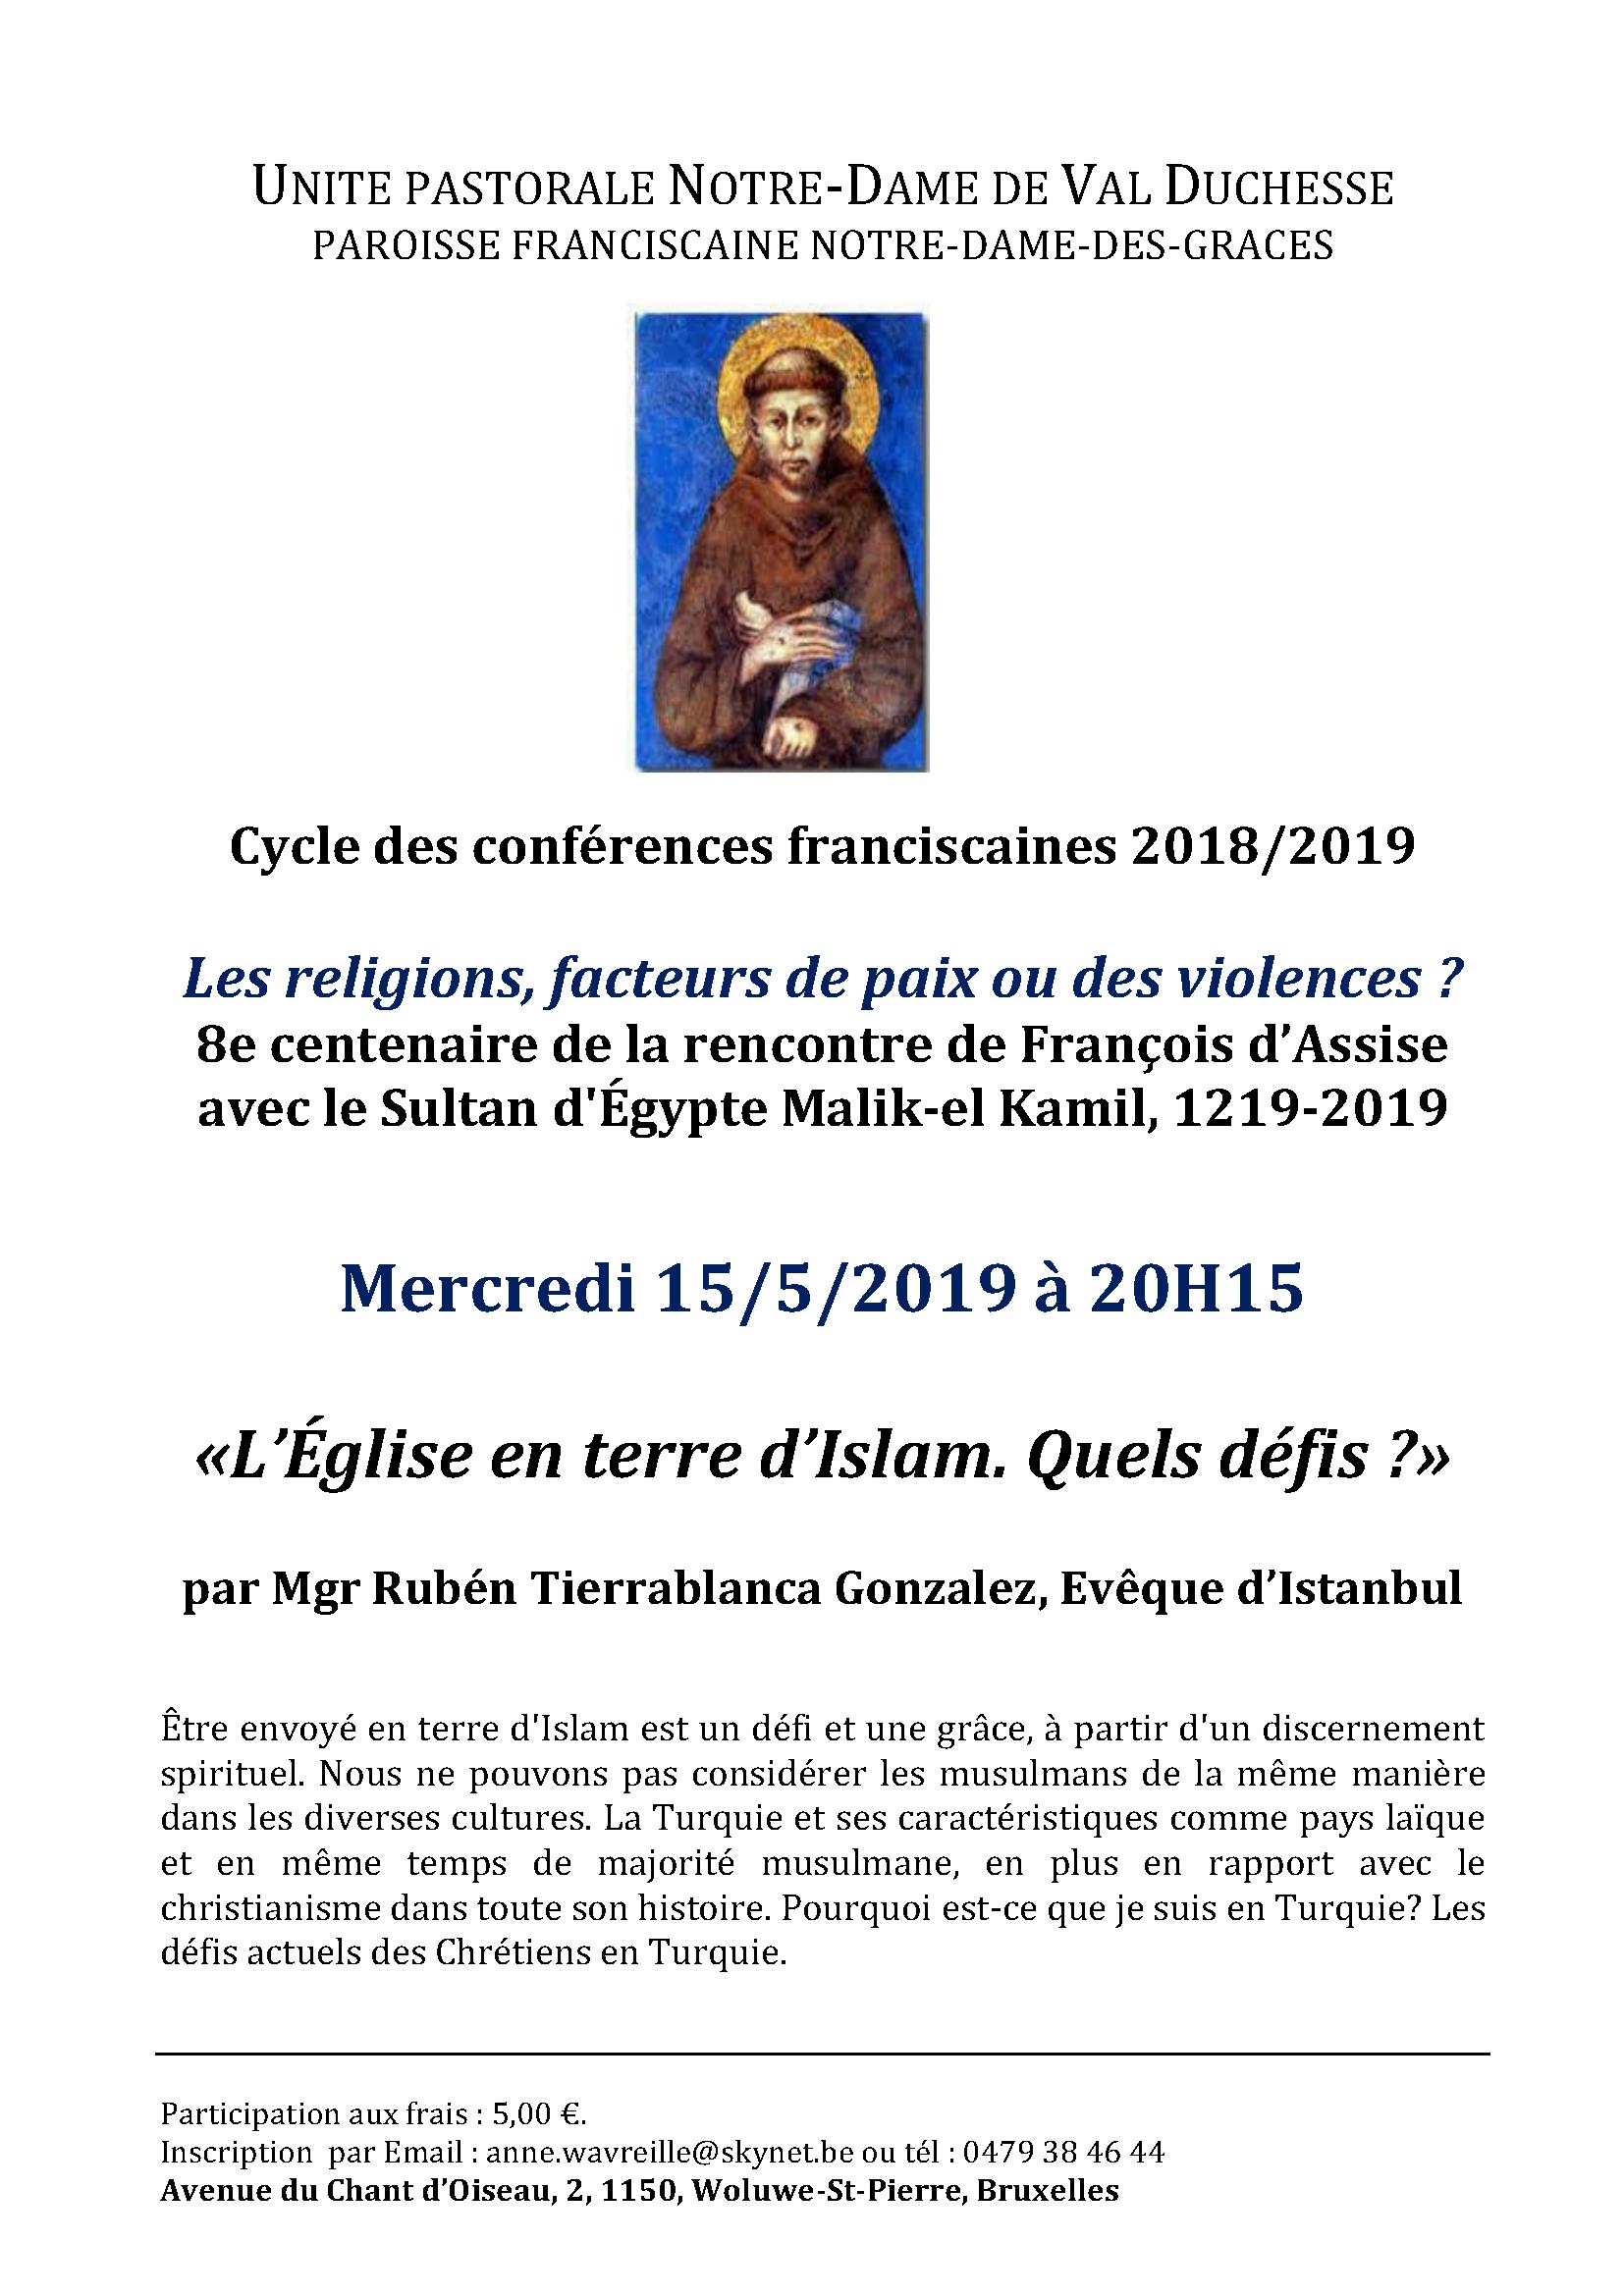 Conférence franciscaine : «L'Église en terre d'Islam. Quels défis ?»  par Mgr Ruben Tierrablanca Gonzales , Evêque d'Istanbul @ Notre-Dame des Grâces (cure)